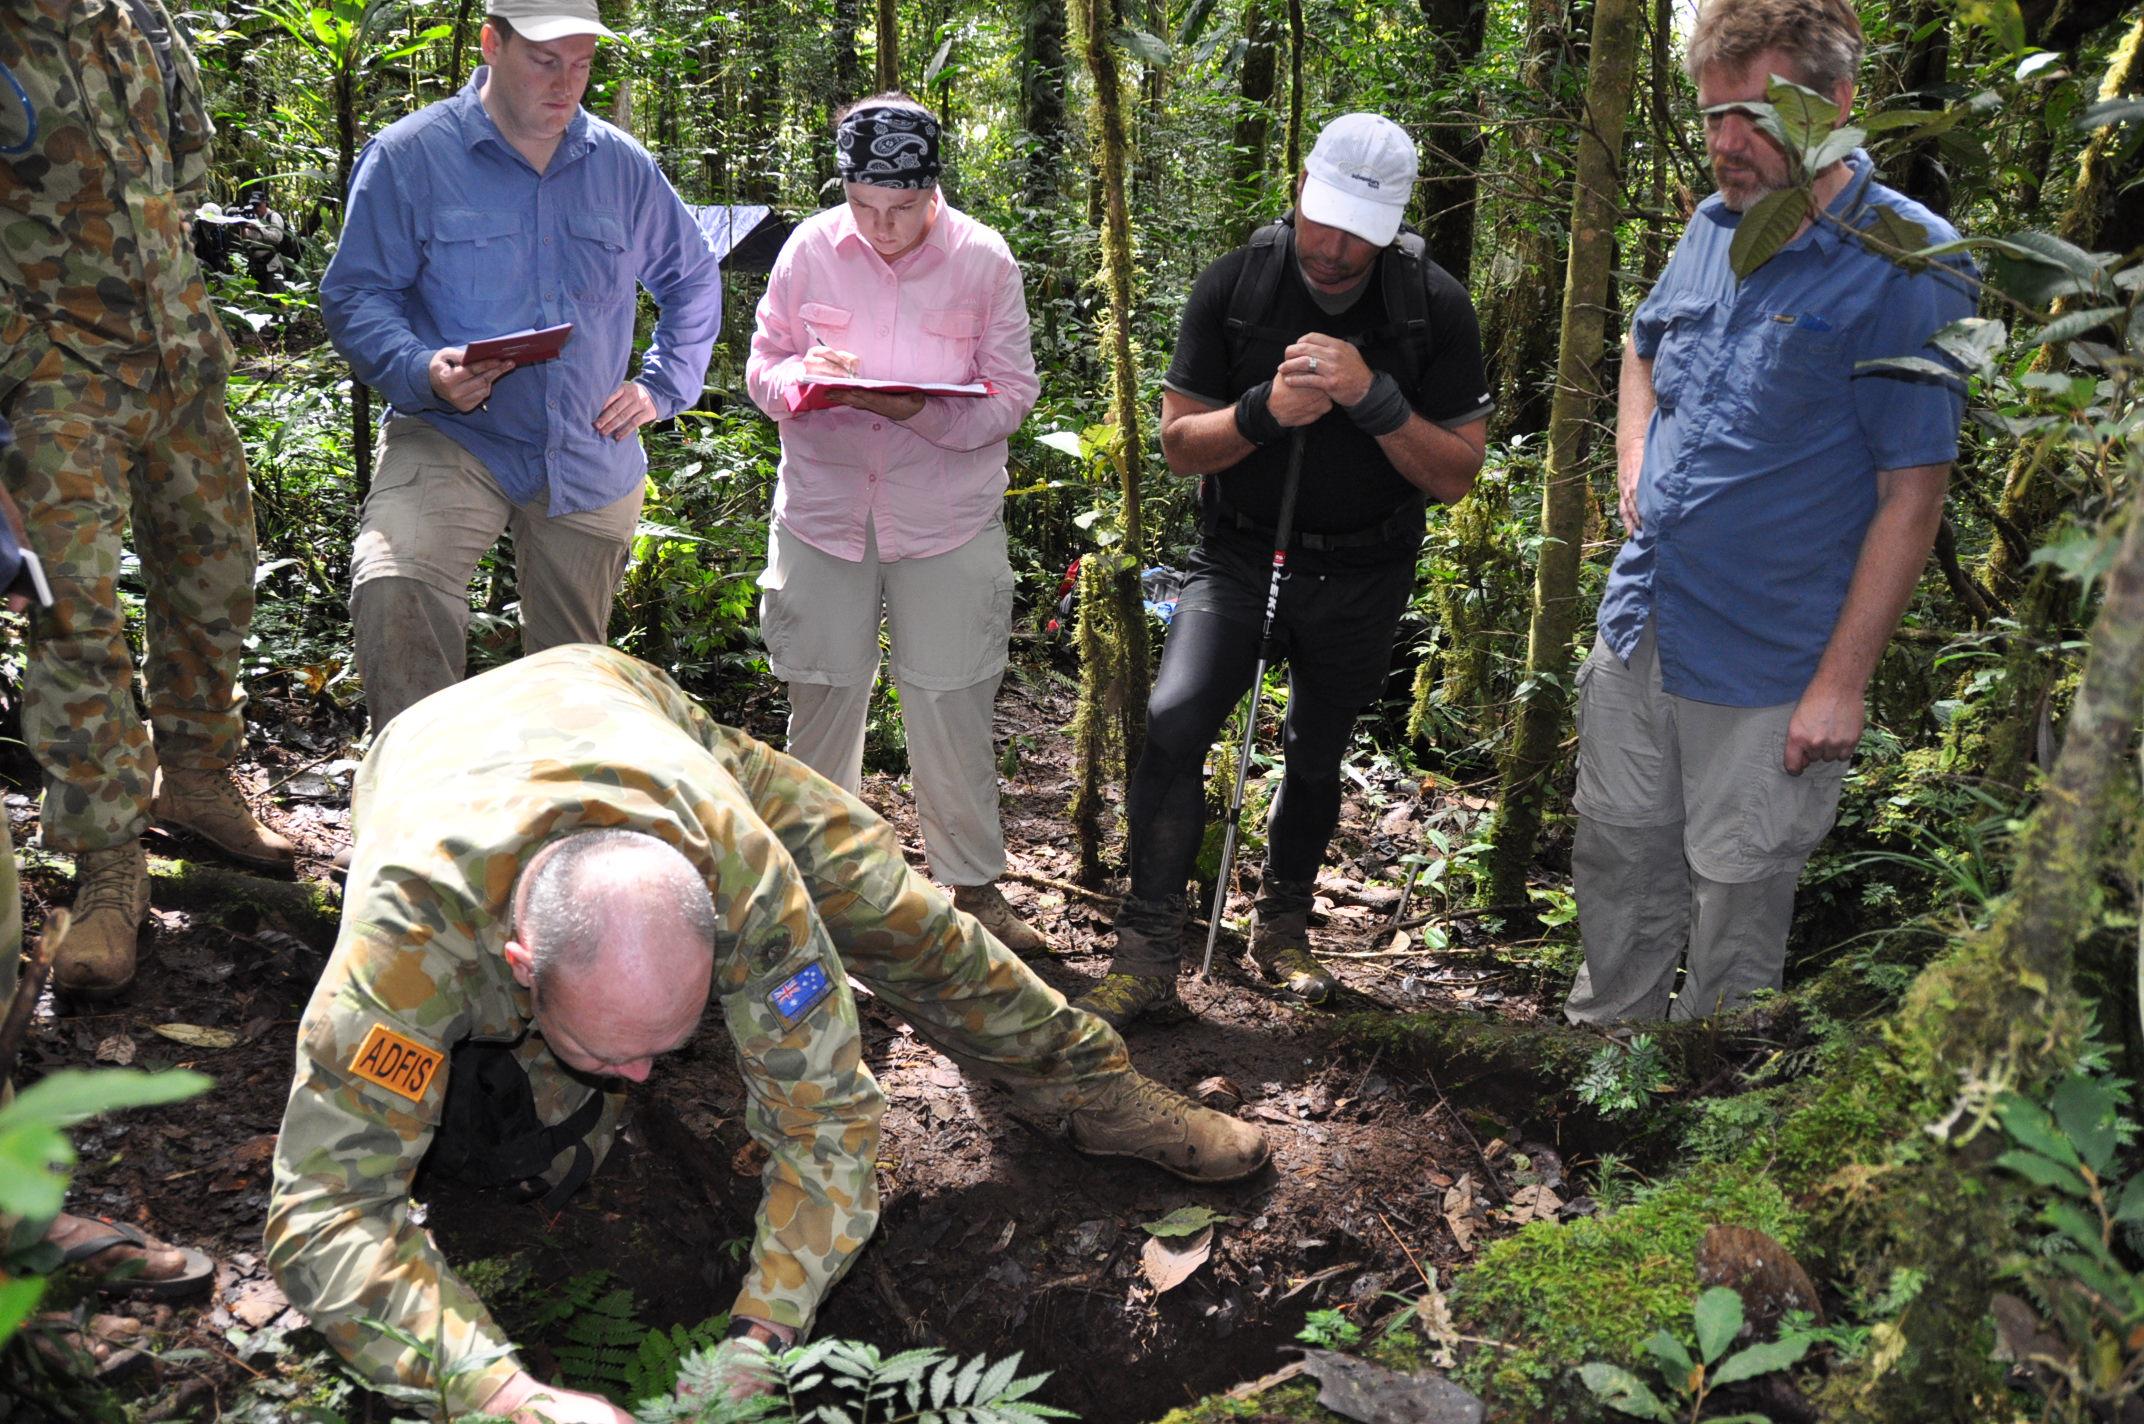 Quân đội Úc tìm kiếm hài cốt ở Papua New Guinea. Nguồn: Bộ Quốc phòng Úc